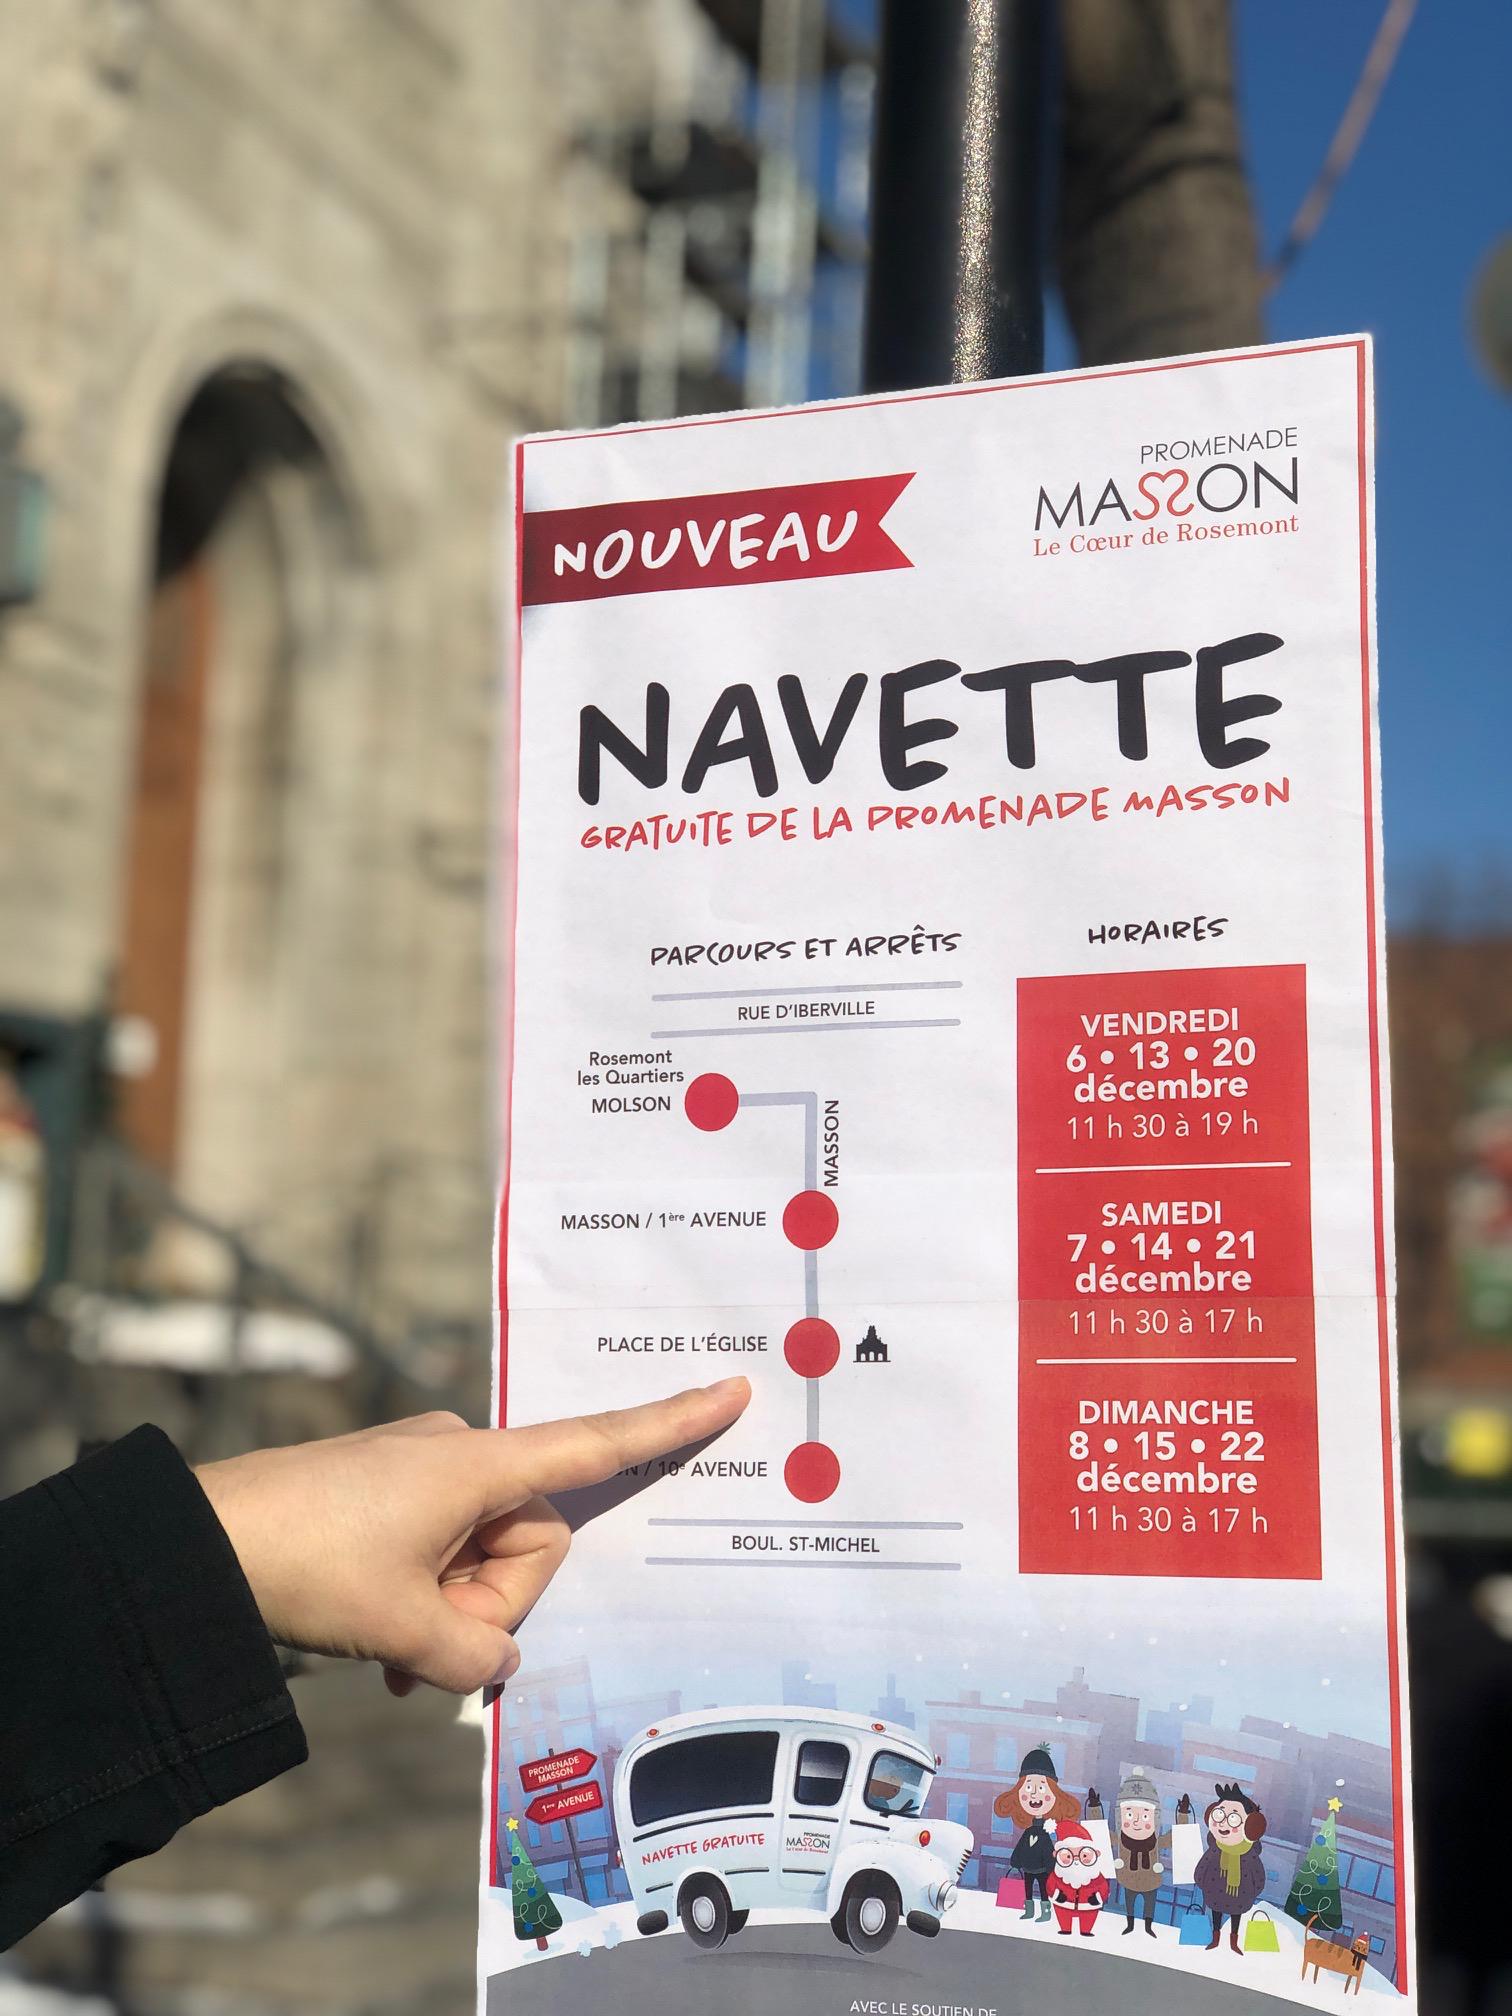 La rue Masson innove avec l'implantation d'un service gratuit de navette